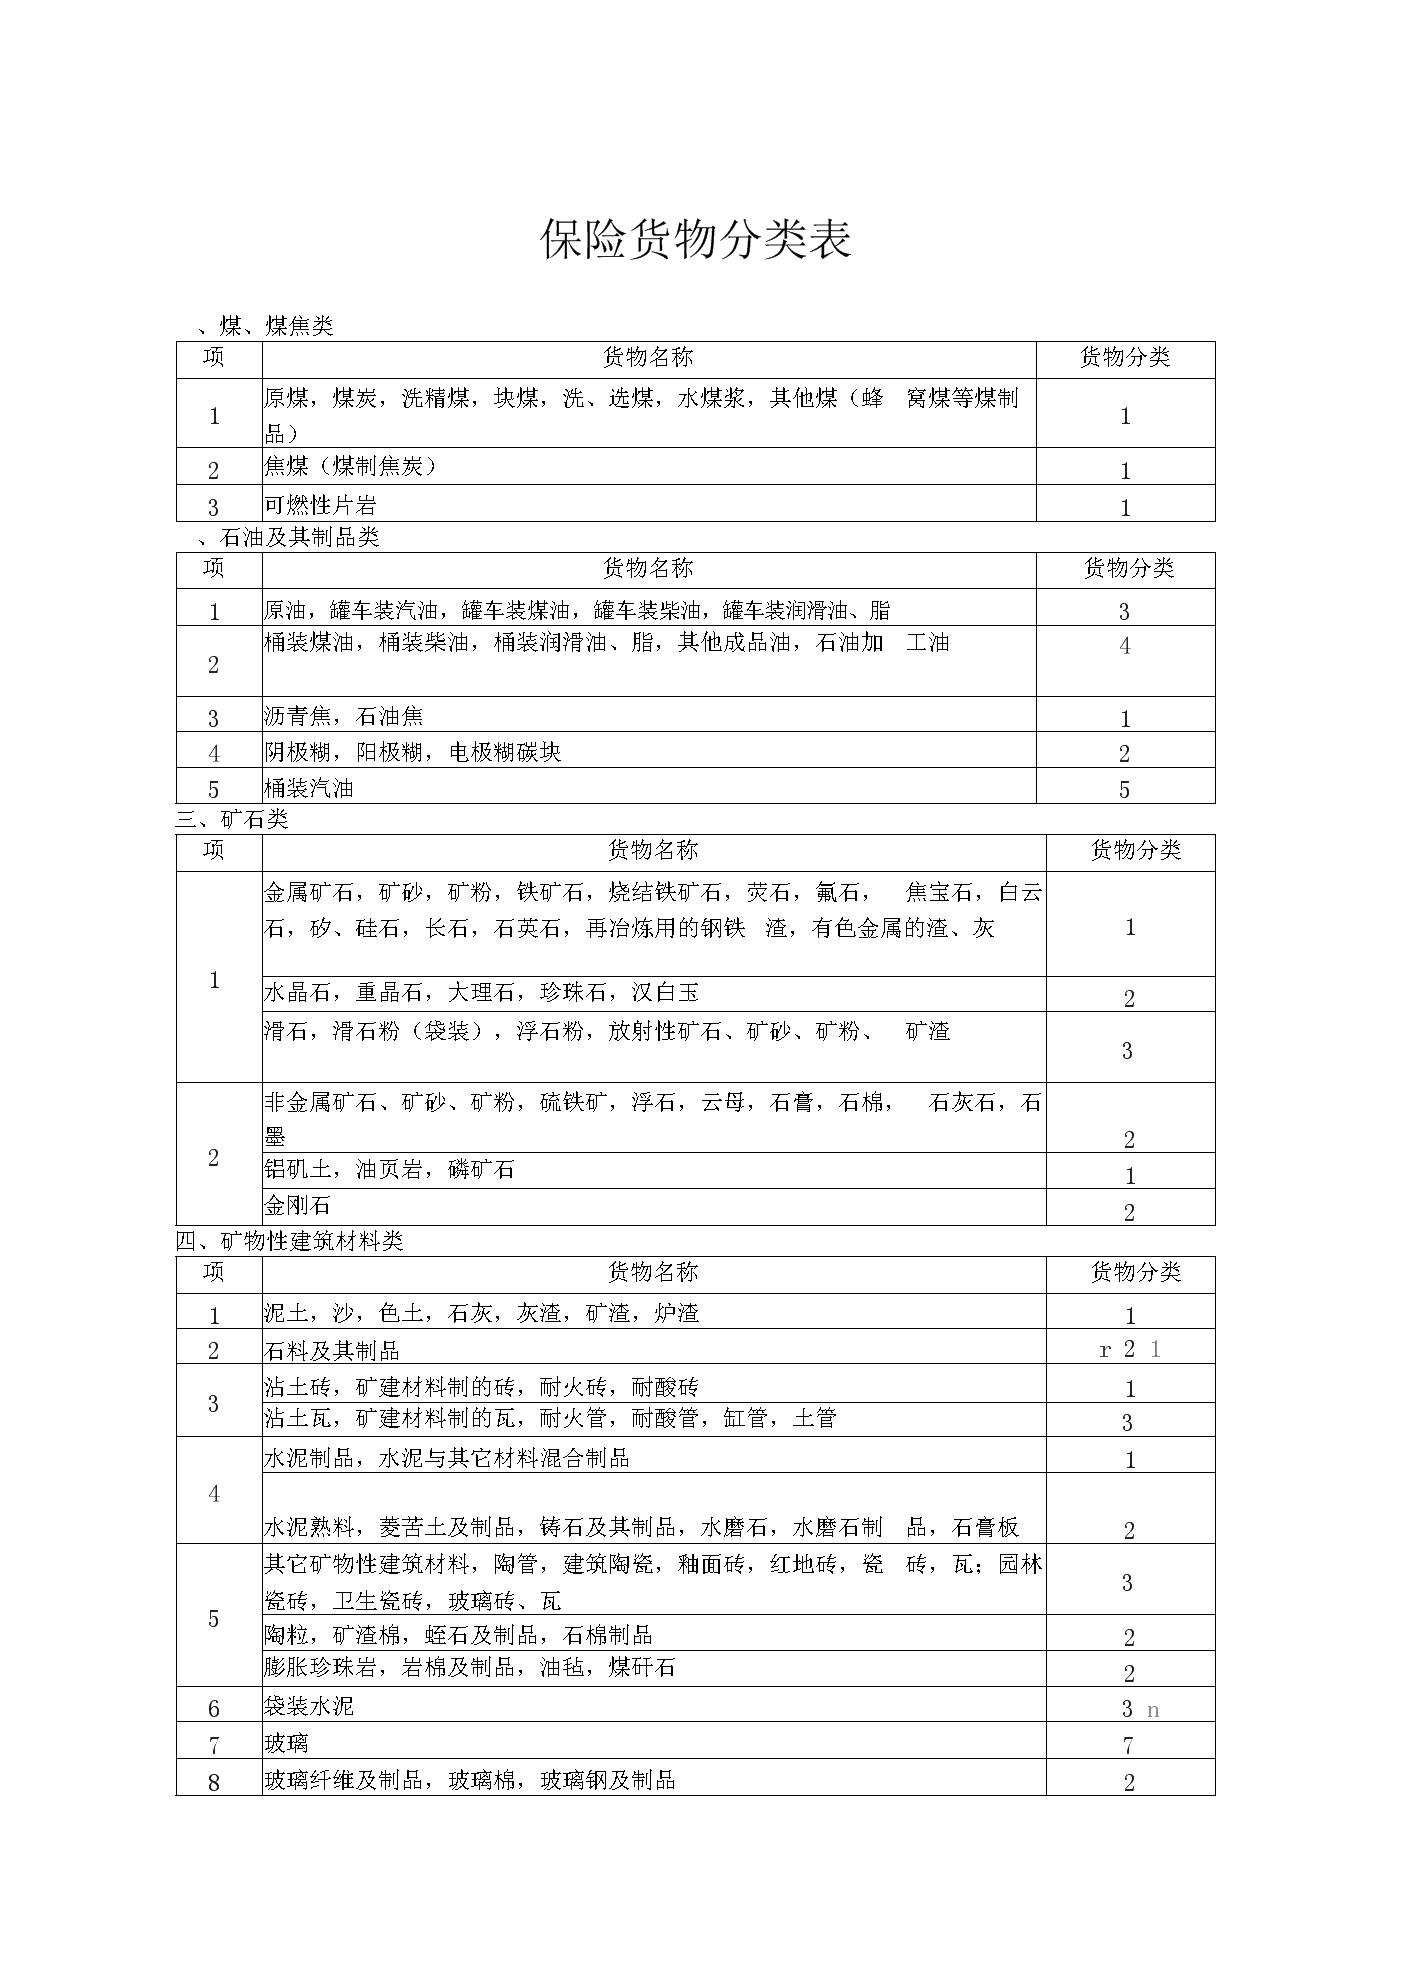 保險貨物分類表.docx